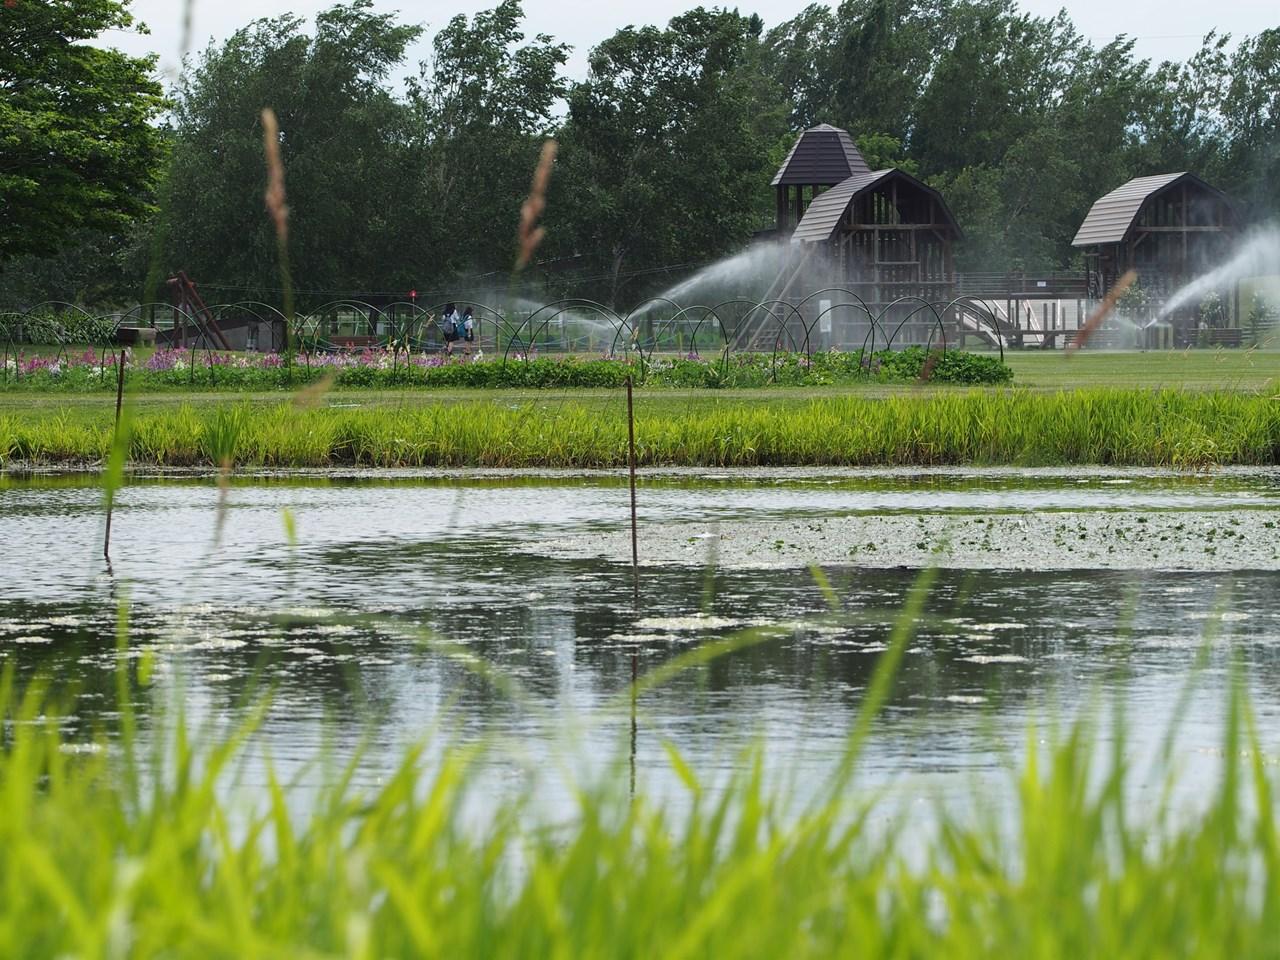 「さとの池」の向こうに見える木製遊具